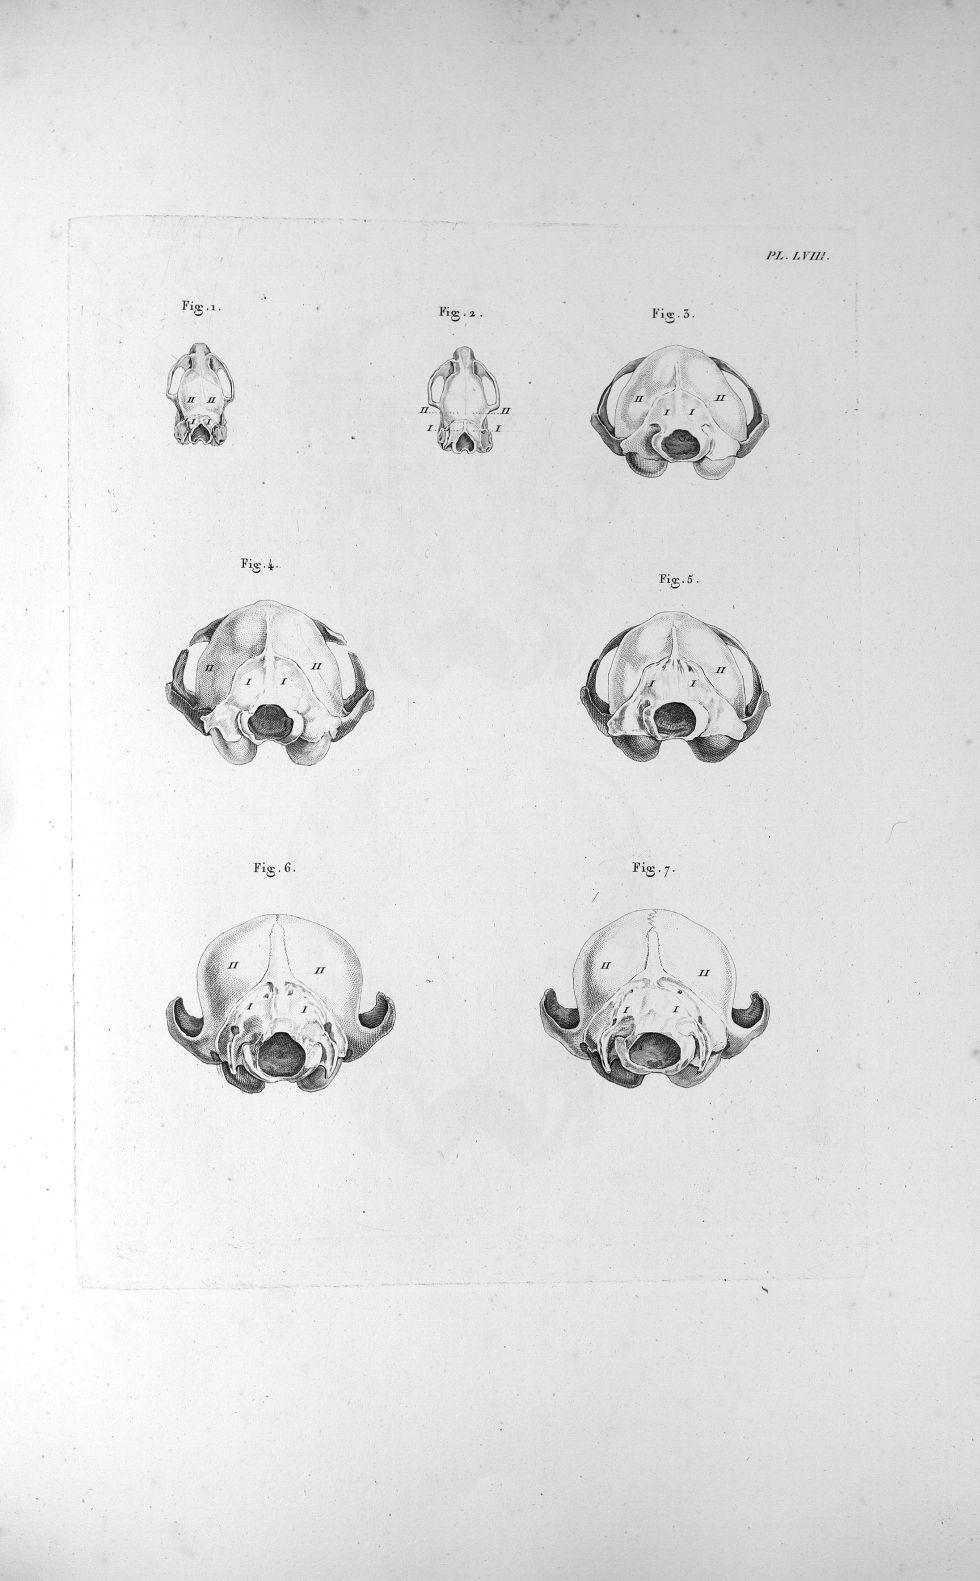 Pl. LVIII. Fig. 1. Crâne du rat de prés, femelle / Fig. 2. Du rat de prés, mâle / Fig. 3. De la chat [...] - Anatomie. Neurologie. Crânes. Animal, animaux. 19e siècle (France) - med00575xatlasx0068